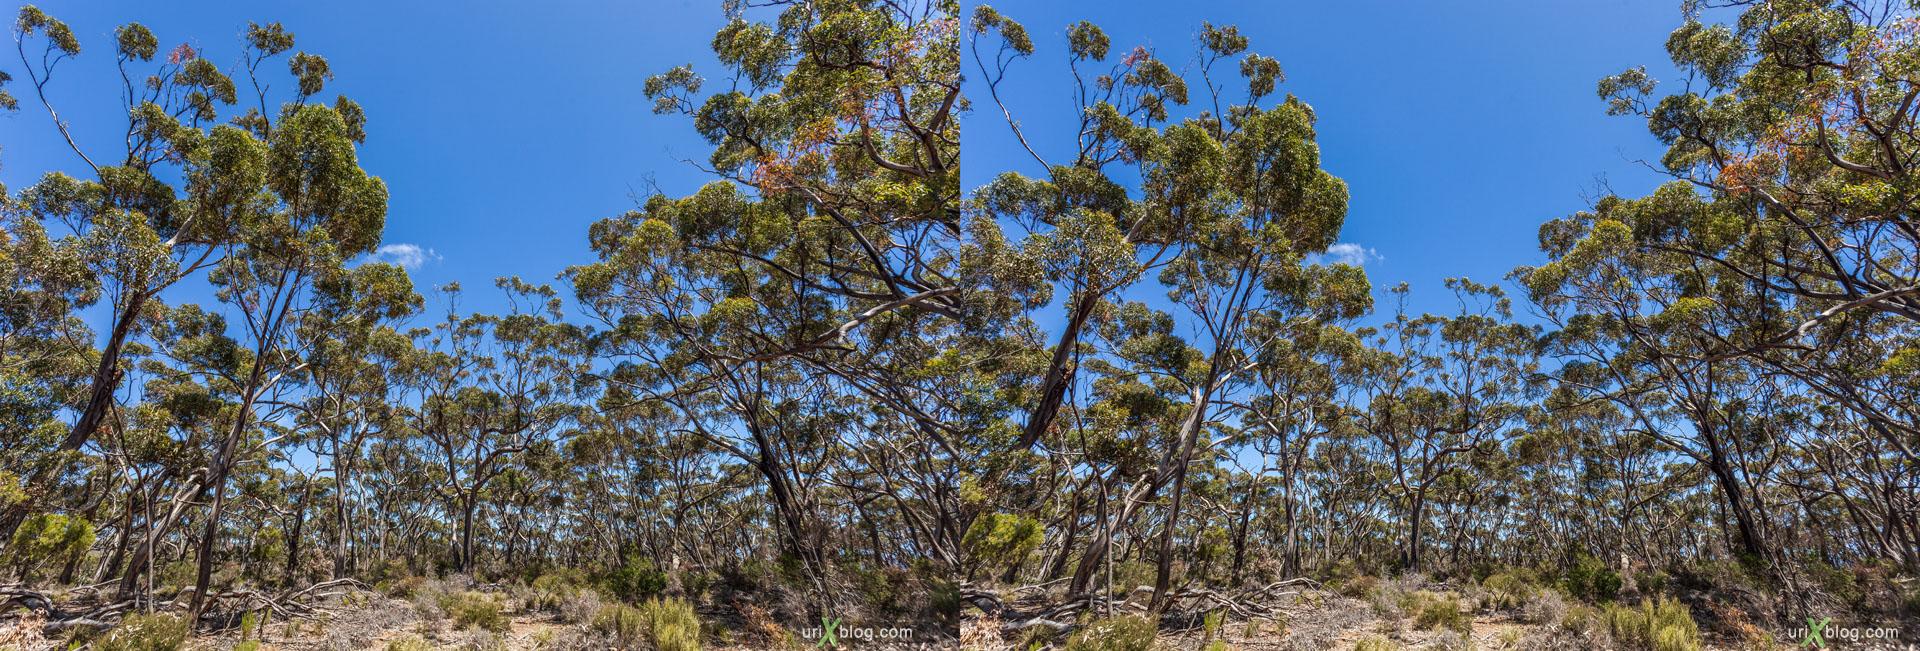 лес, старое кладбище, Cape Borda, Ravine Des Casoars Wilderness Protection Area, остров Кенгуру, Австралия, 3D, перекрёстная стереопара, стерео, стереопара, 2011